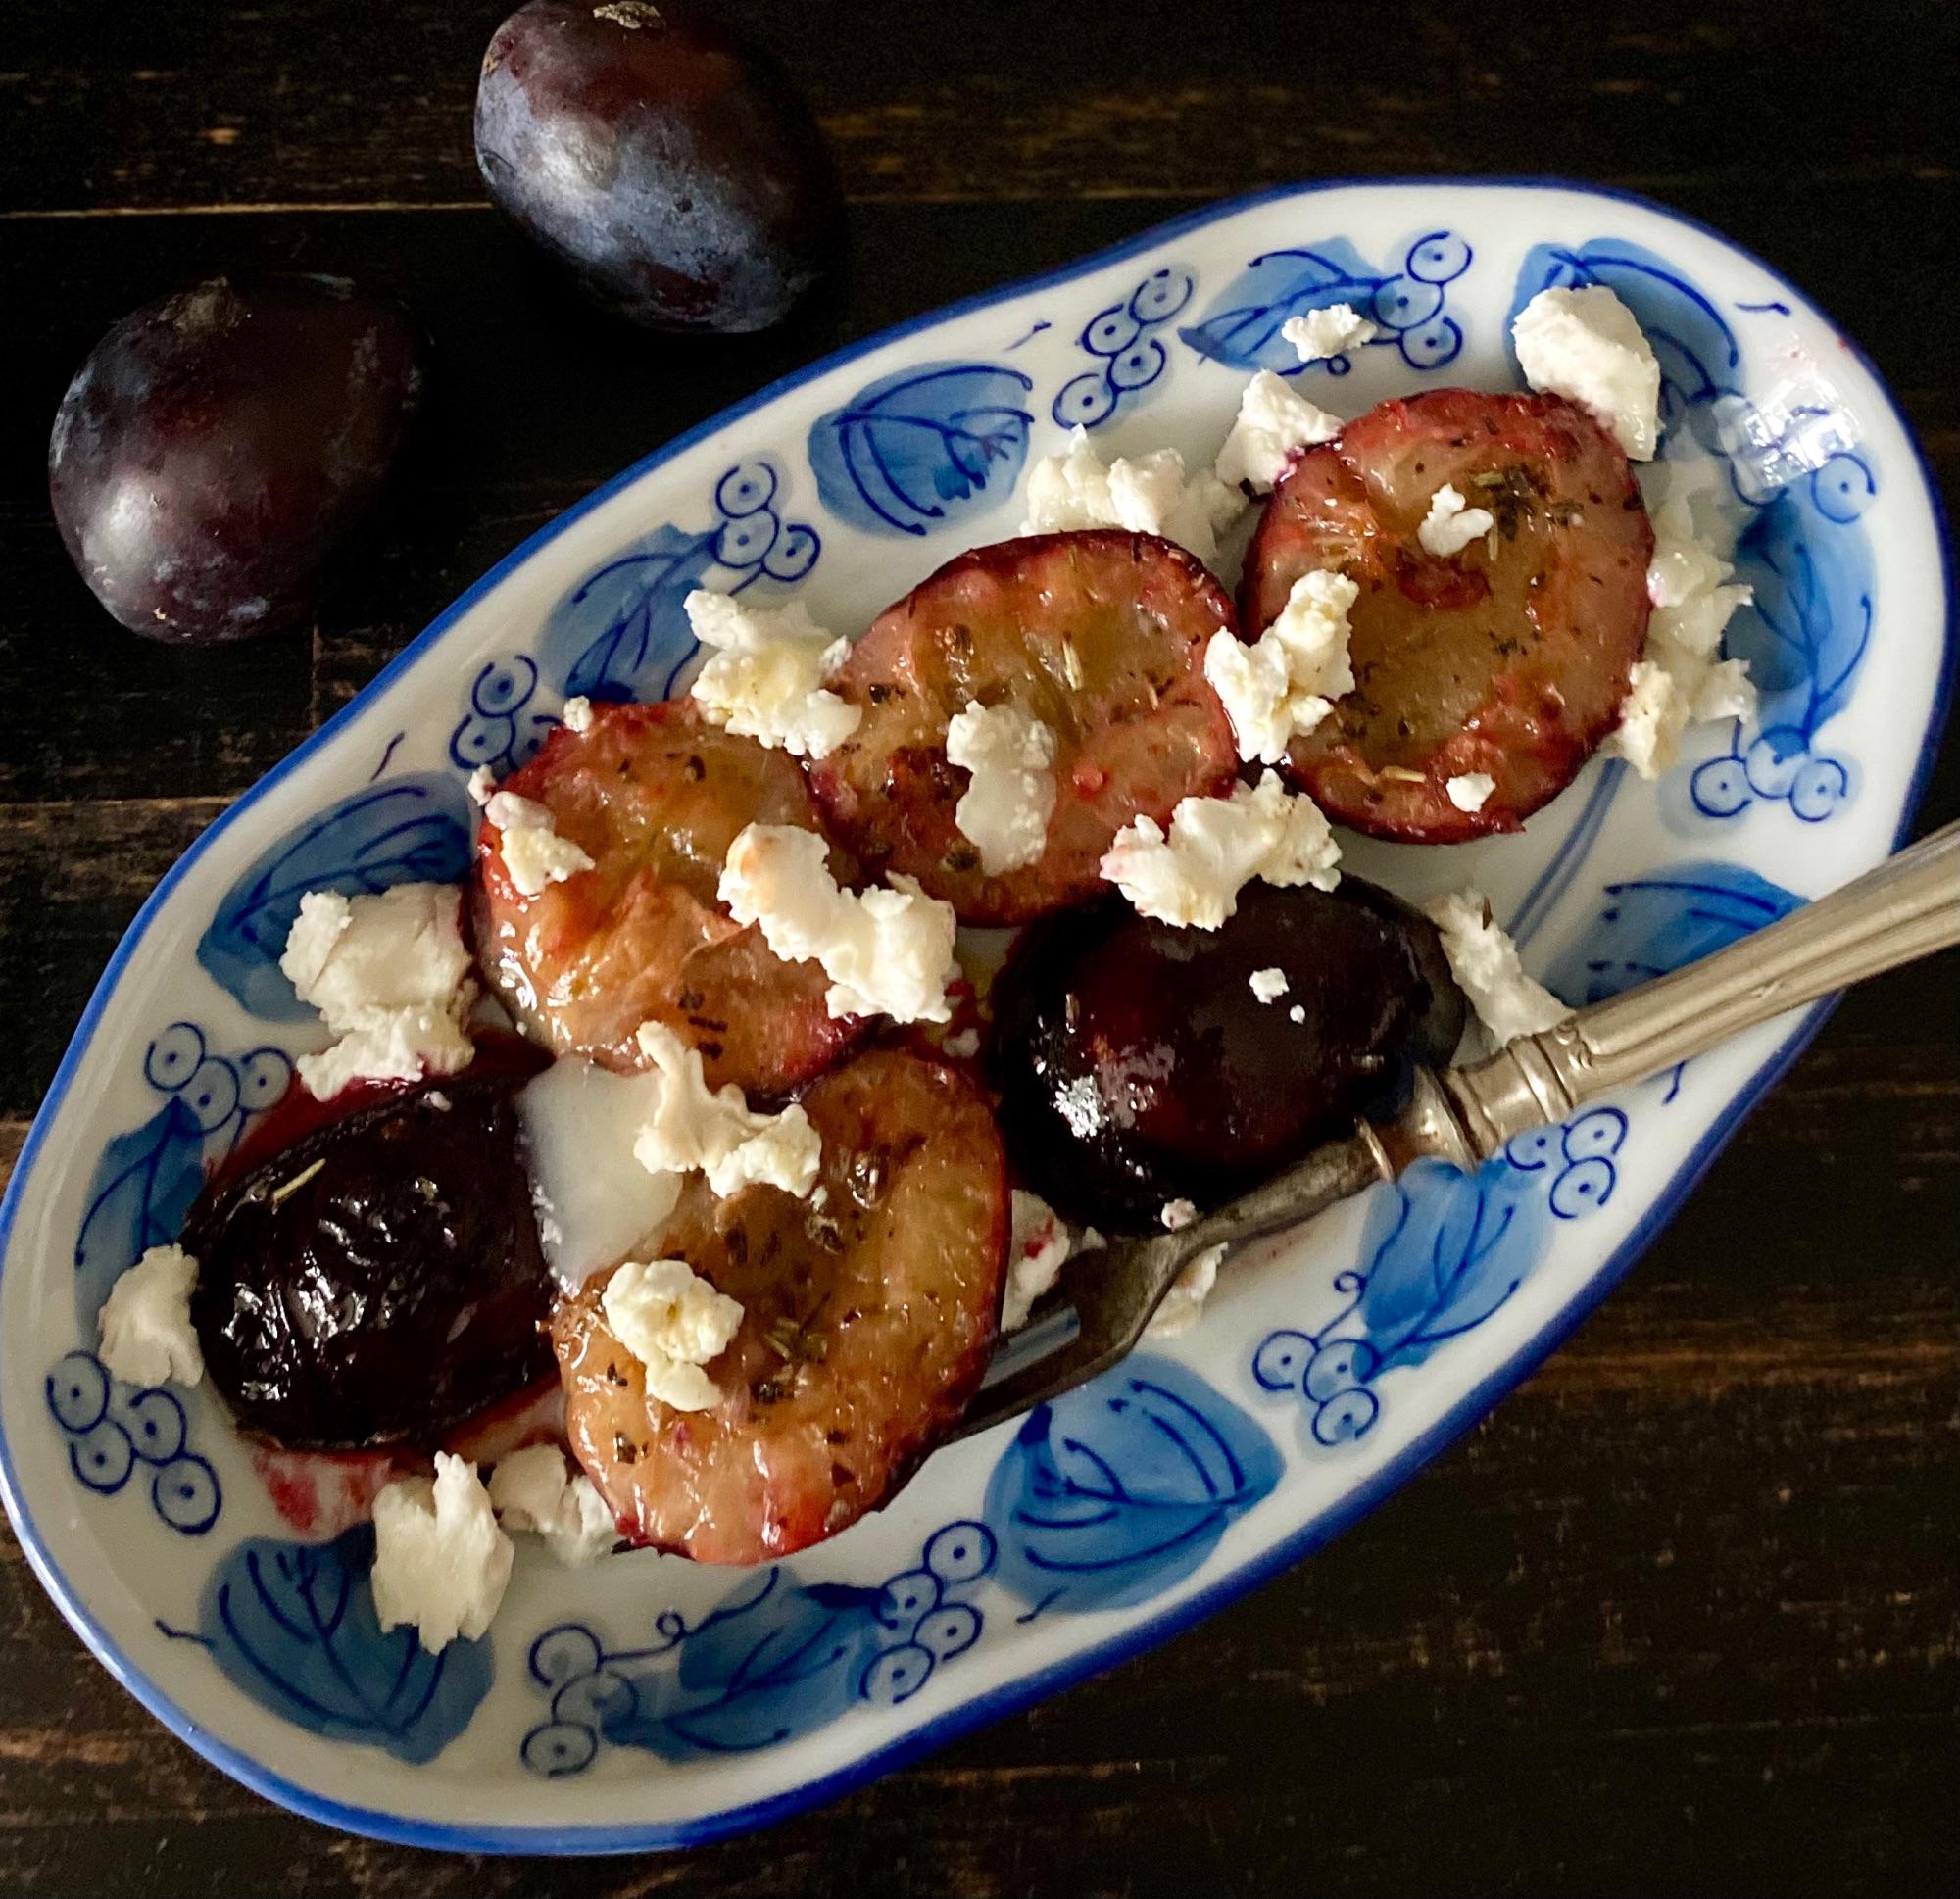 Если у вас есть кусочек хорошего козьего сыра и несколько слив, за 5 мин можно приготовить прекрасную закуску.